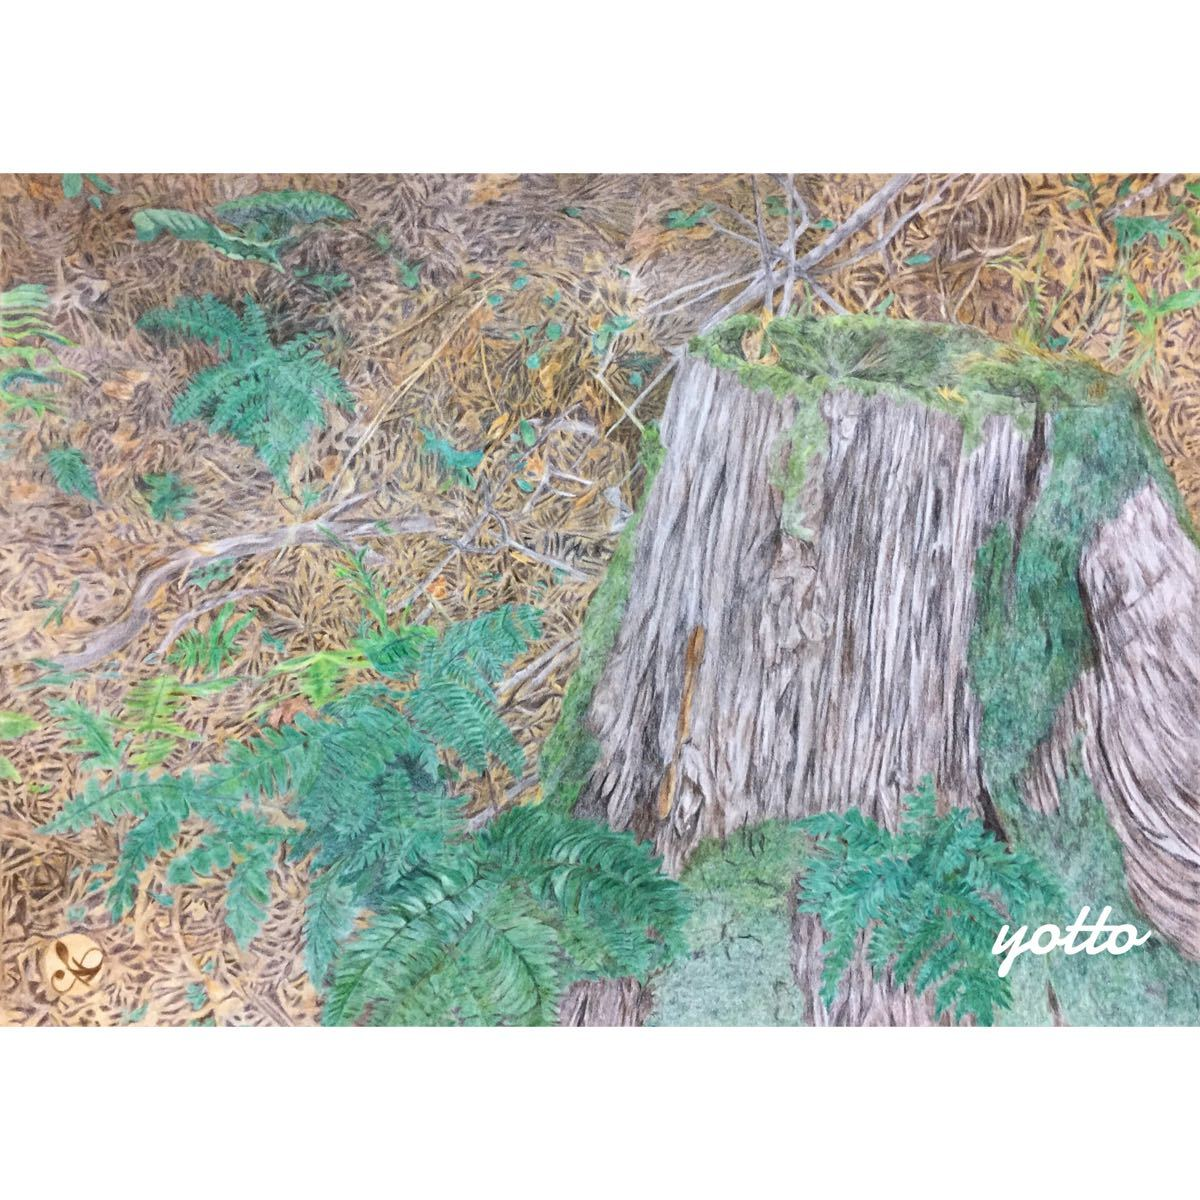 色鉛筆画・3部作「 銘 」「 盃 」「 結 」B4・額付き◇◆手描き◇原画◆風景画◇◆yotto_画像2